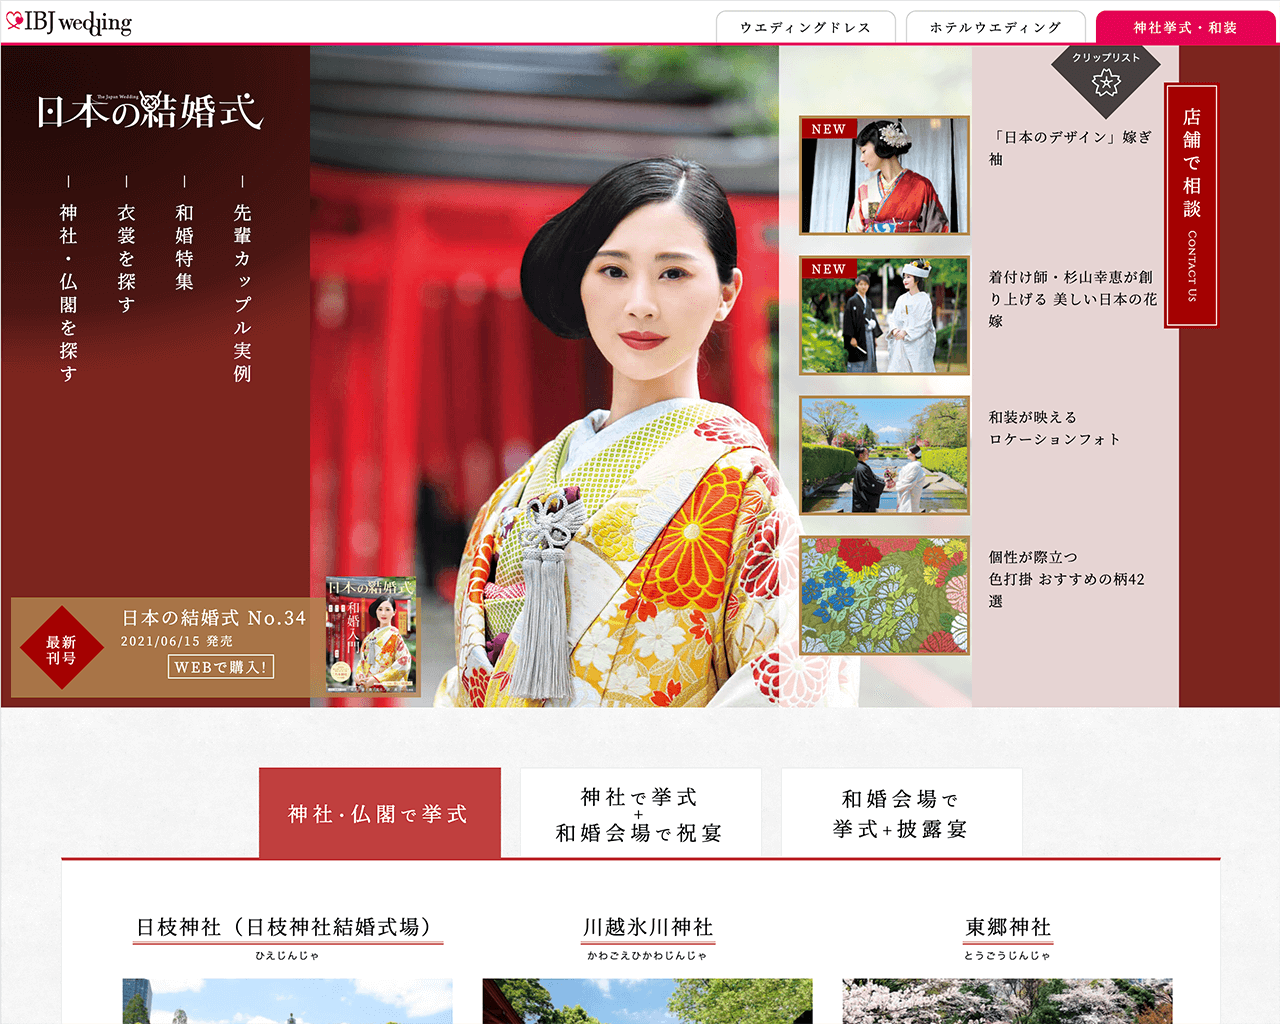 株式会社IBJウェディング様 日本の結婚式